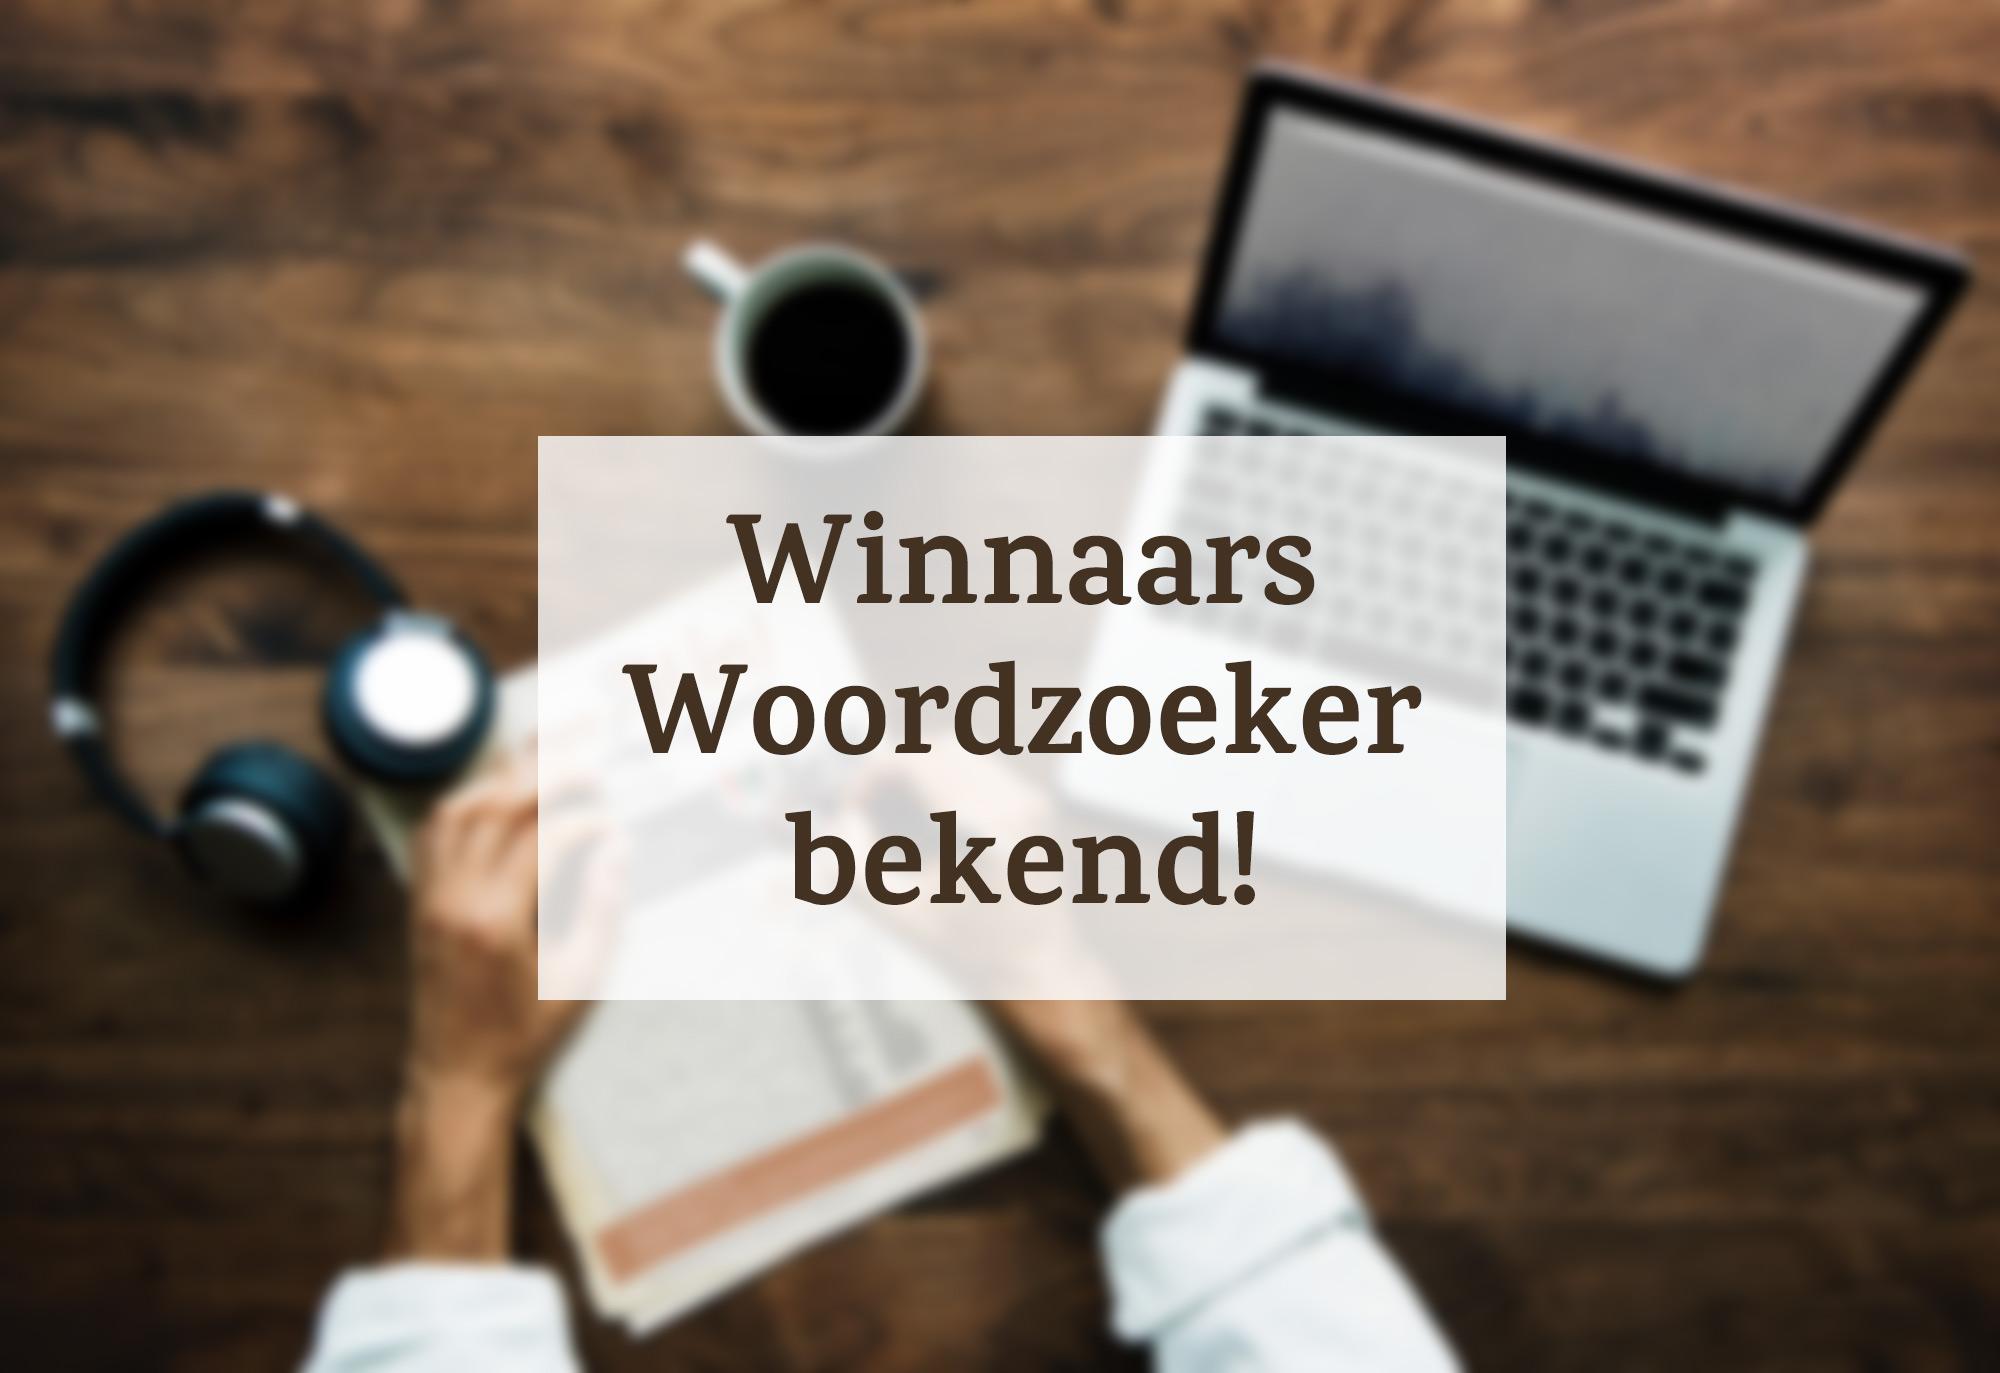 Winnaars woordzoeker Hallo! Nijmegen november 2019 editie bekend